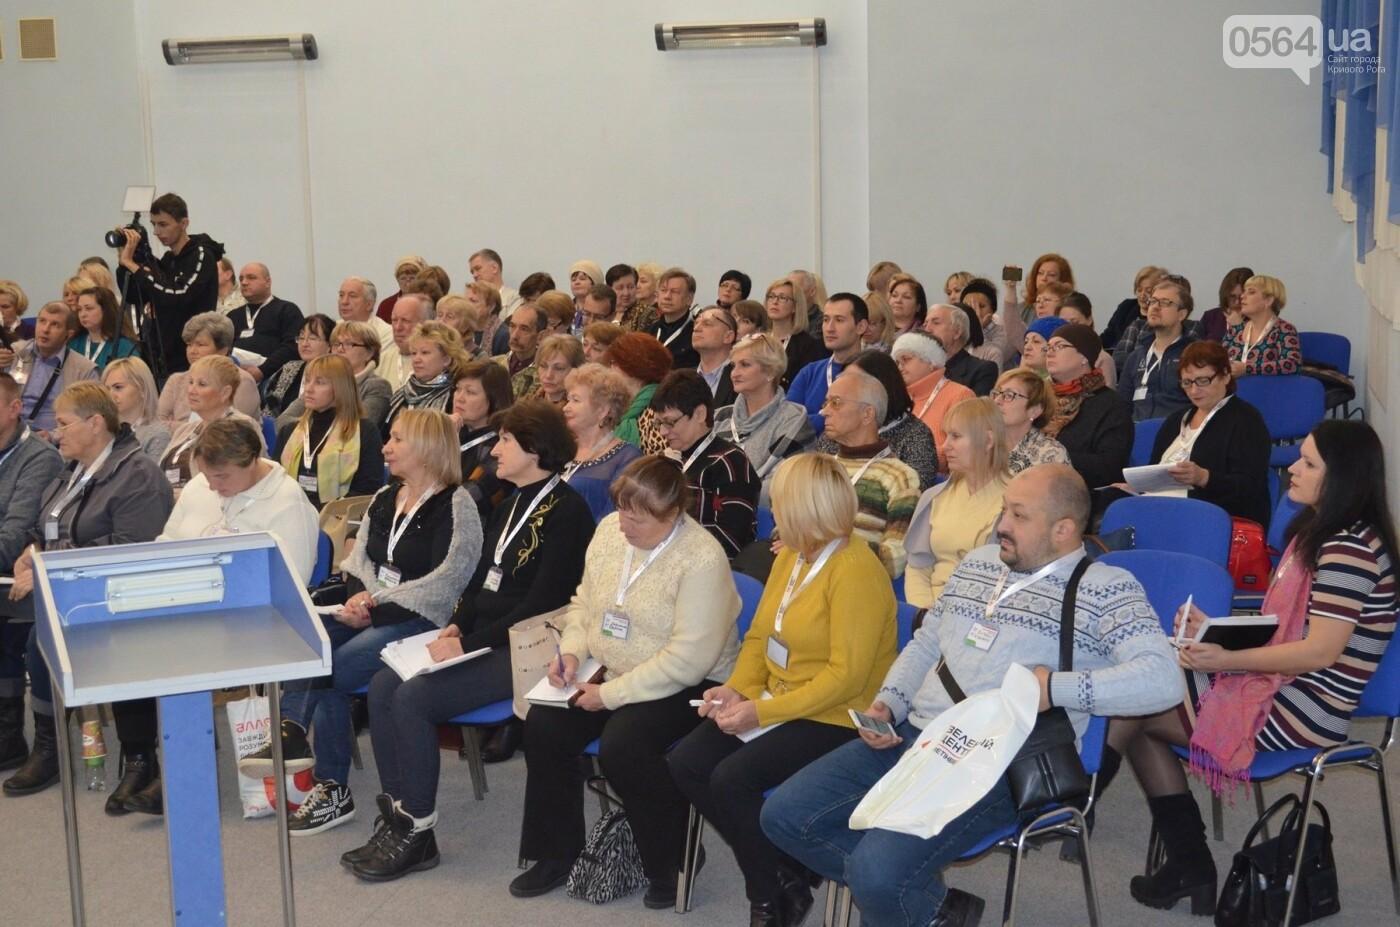 Результатом двухдневного форума ОСМД стал проект резолюции о развитии жилищного сектора на Днепропетровщине, фото-2